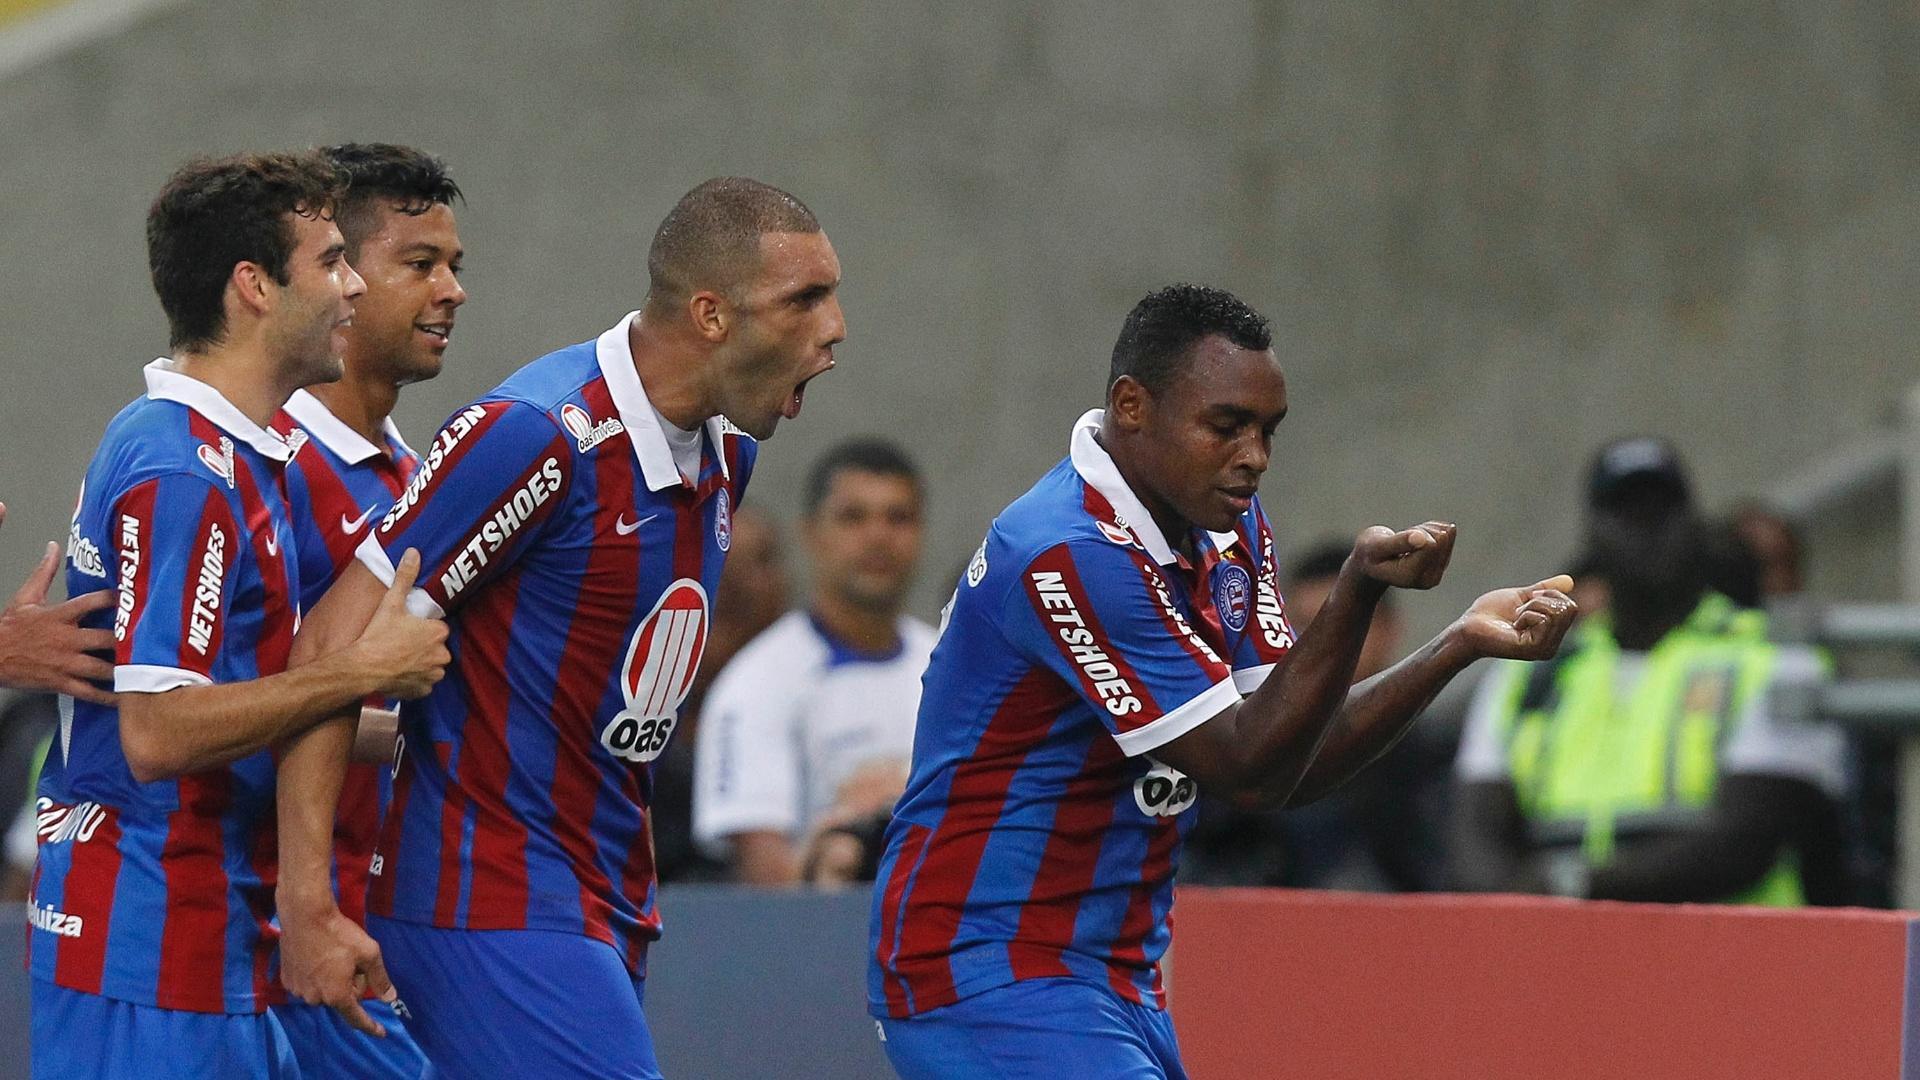 22.set.2013 - Obina faz dancinha para comemorar o gol da vitória do Bahia sobre o Botafogo, no Maracanã